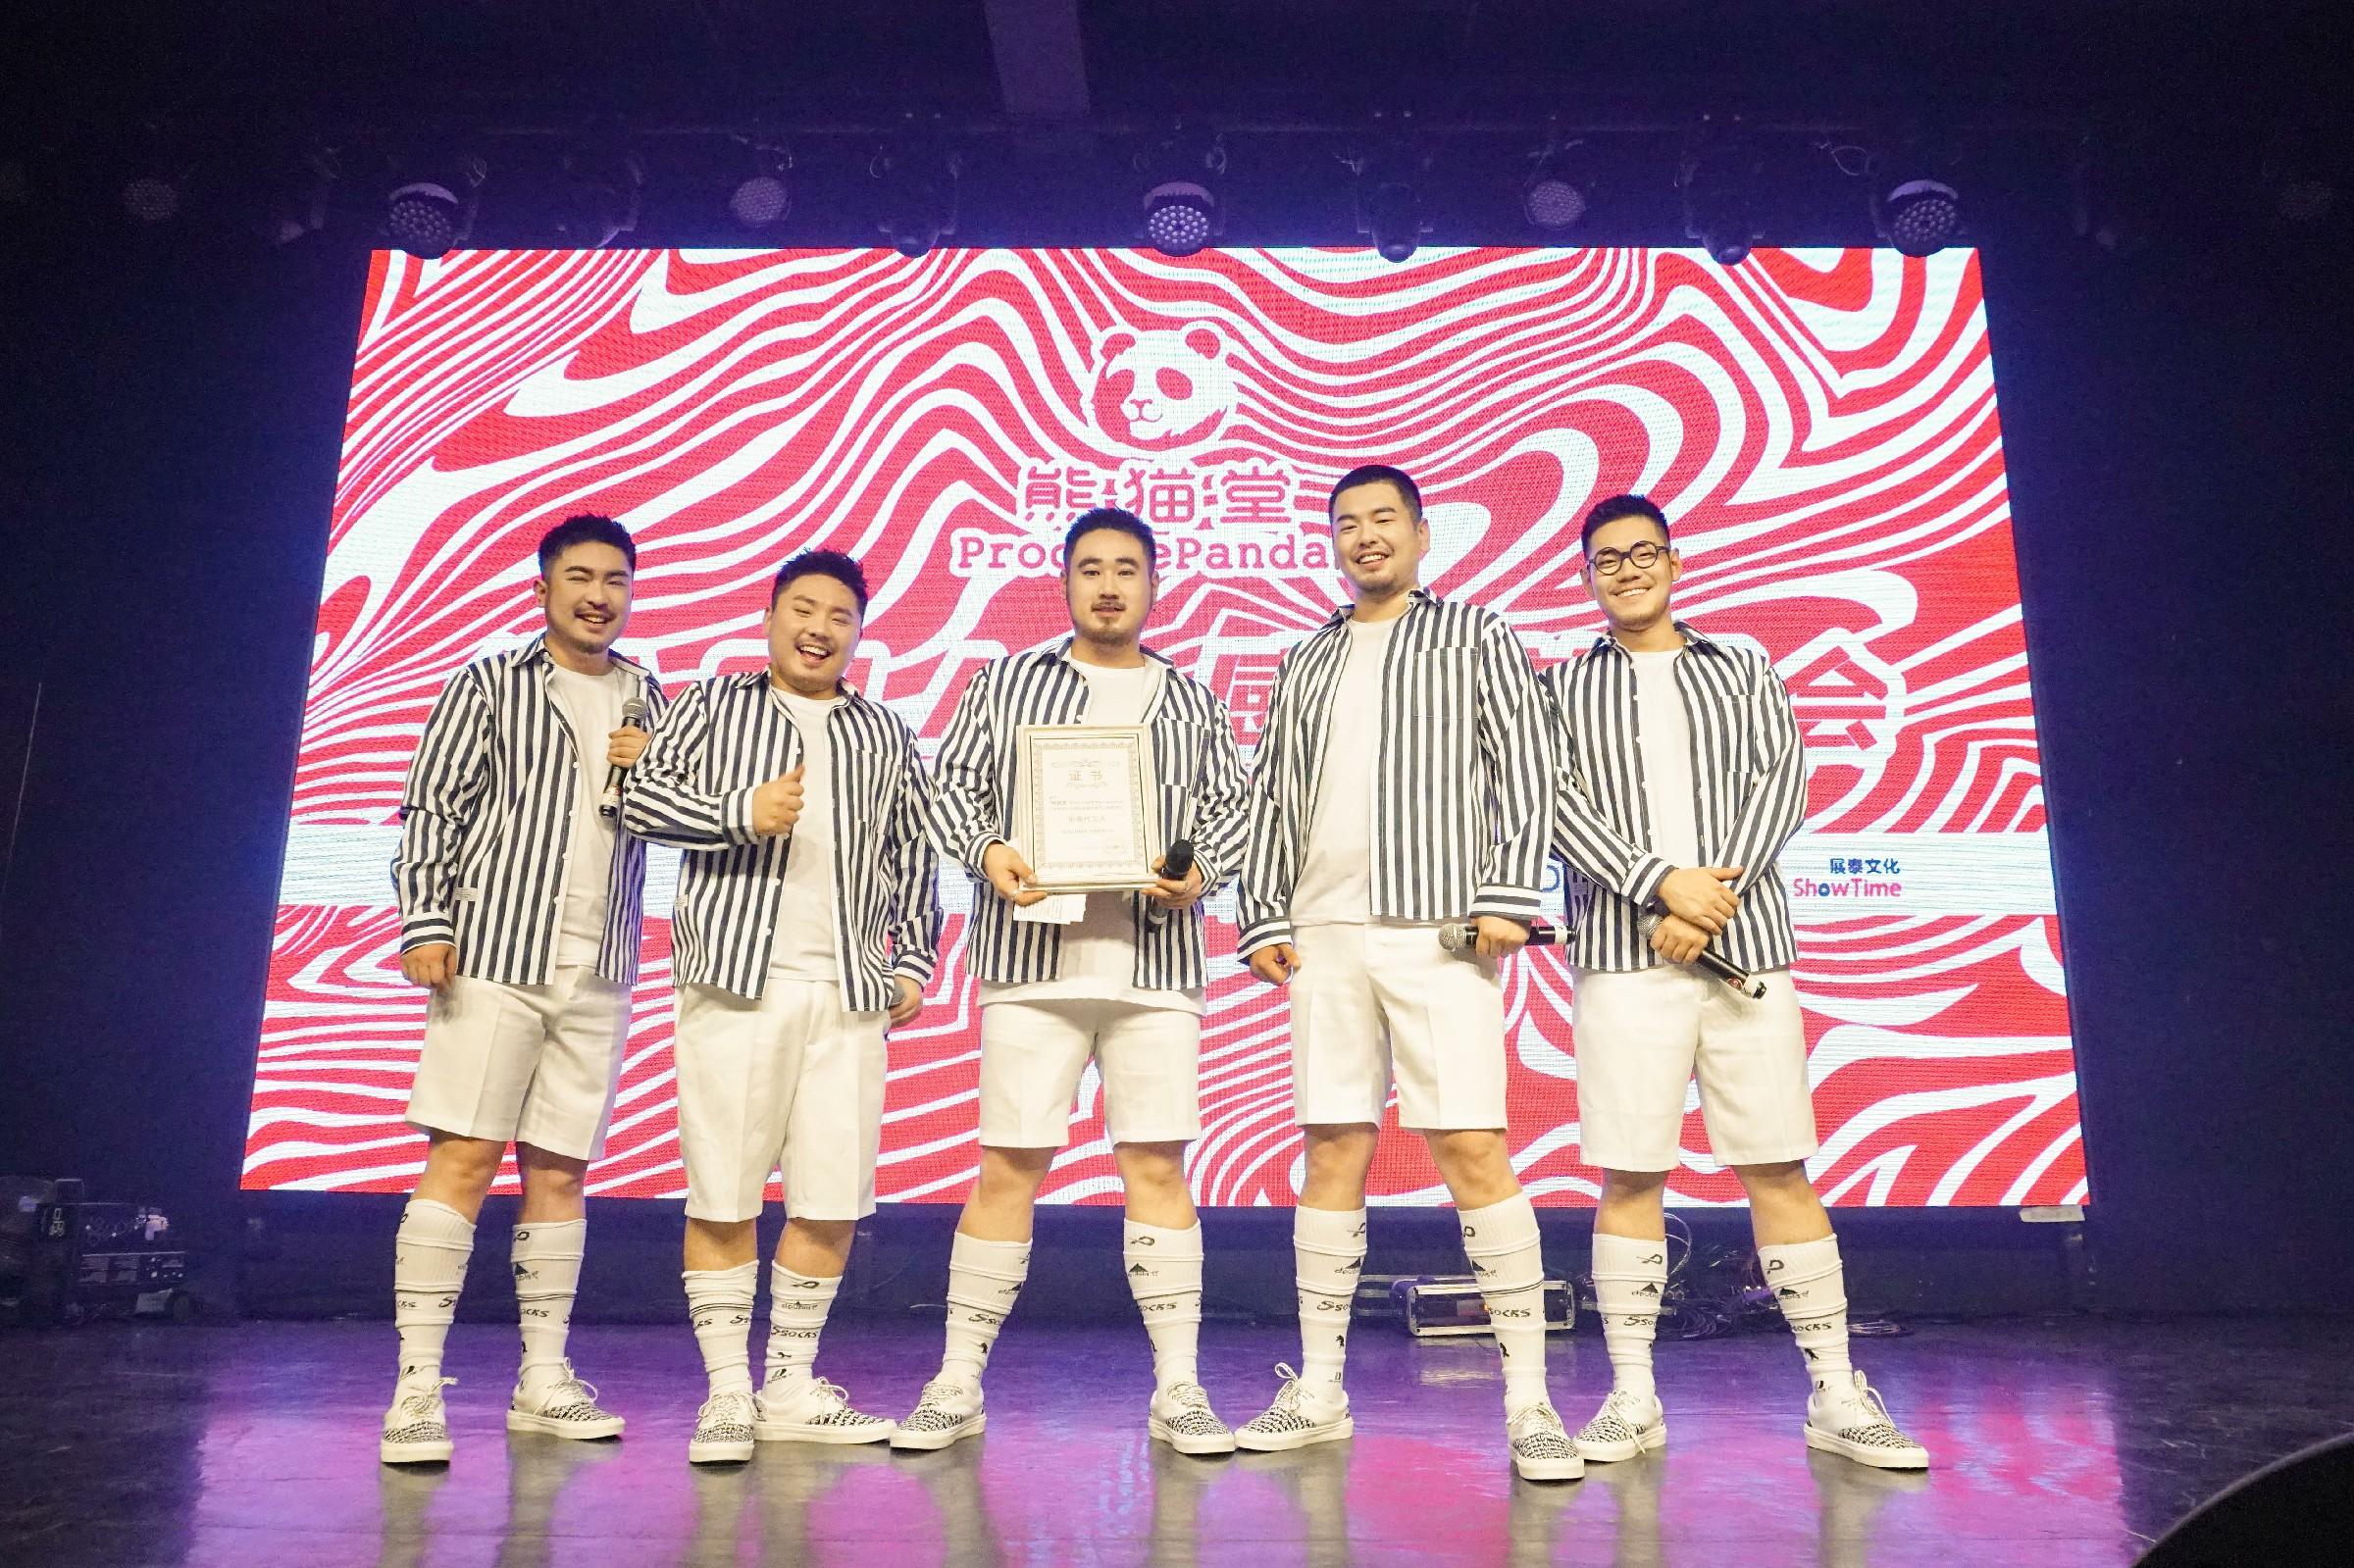 熊猫堂新专辑成都首唱 任公益形象代言人